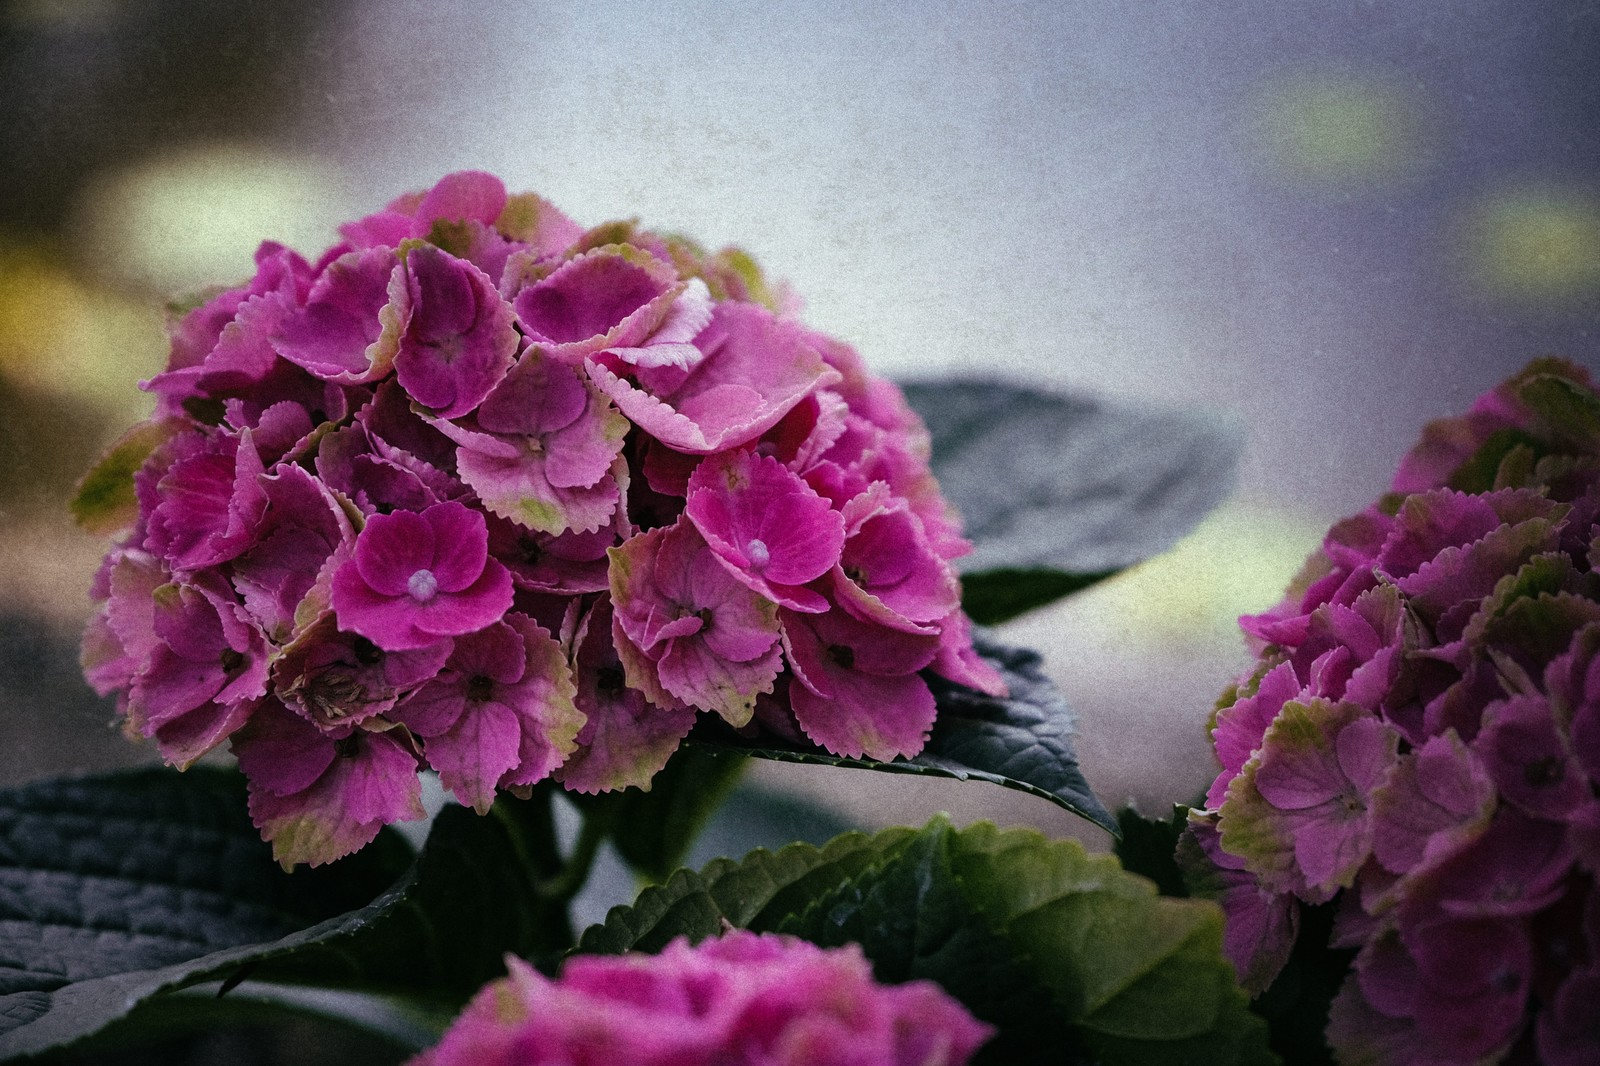 「不安定な空とあじさいの花不安定な空とあじさいの花」のフリー写真素材を拡大